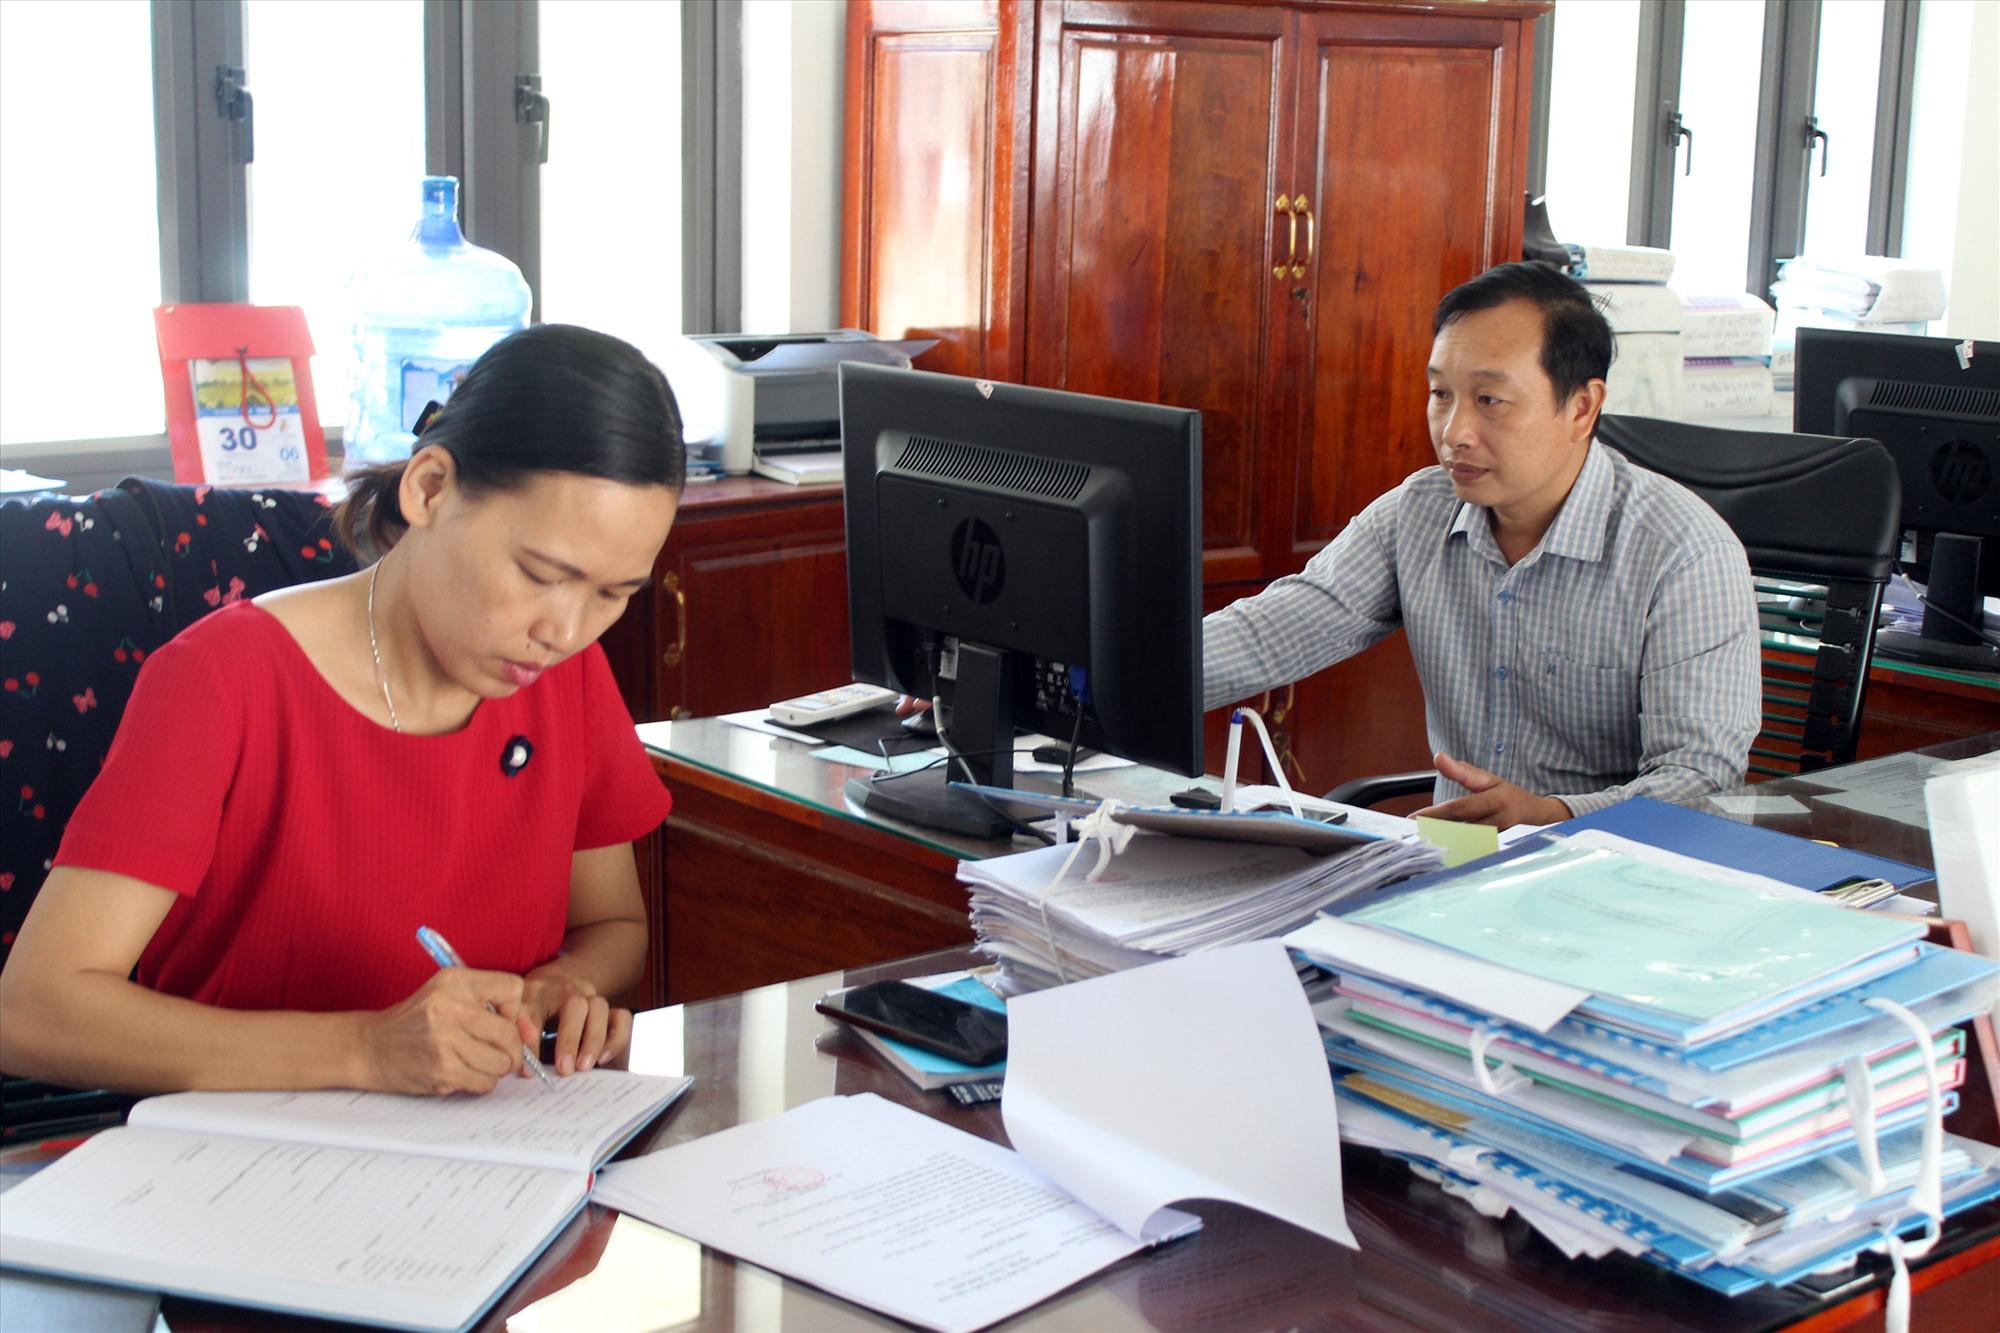 Các phòng ban tại UBND huyện Núi Thành được chỉ đạo ứng dụng mạnh mẽ hơn phần mềm một cửa điện tử trong giải quyết hồ sơ thủ tục. Ảnh: C.P